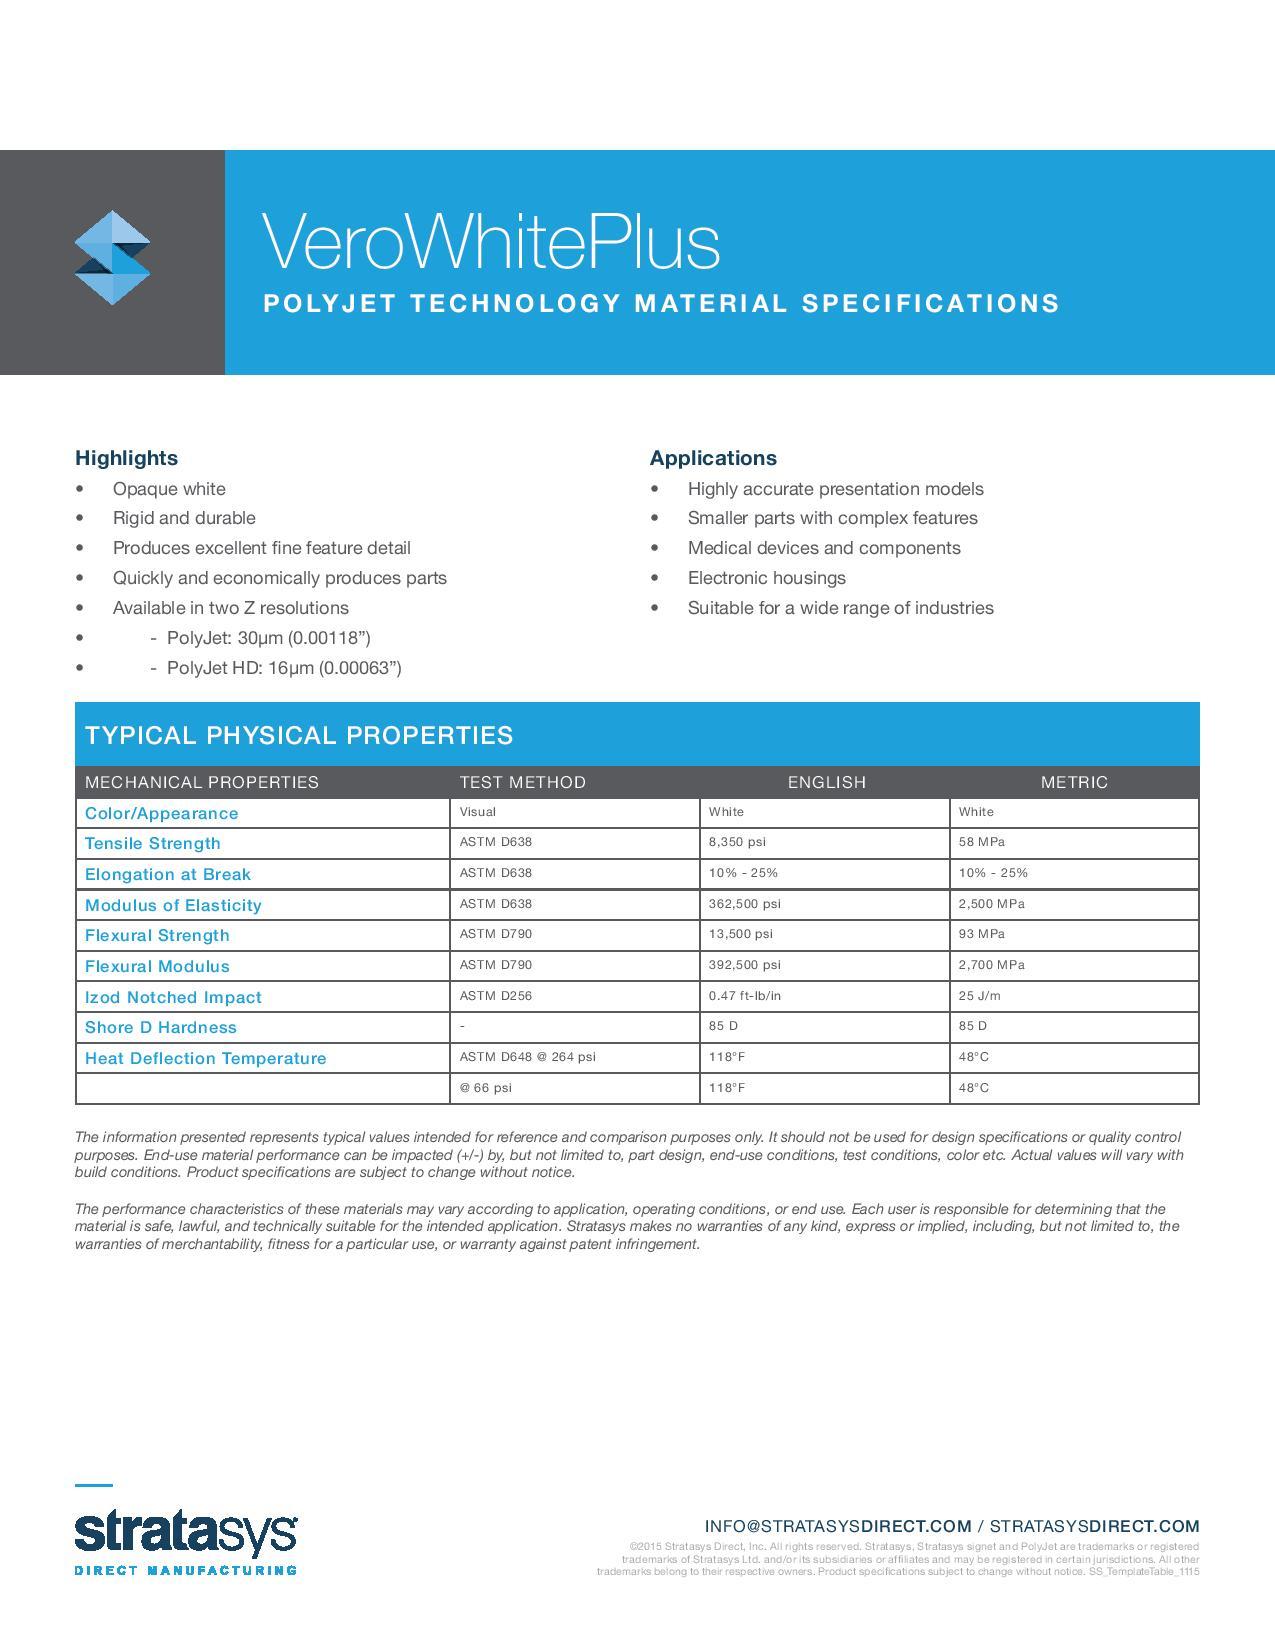 PolyJet_VeroWhitePlus_Material_Spec